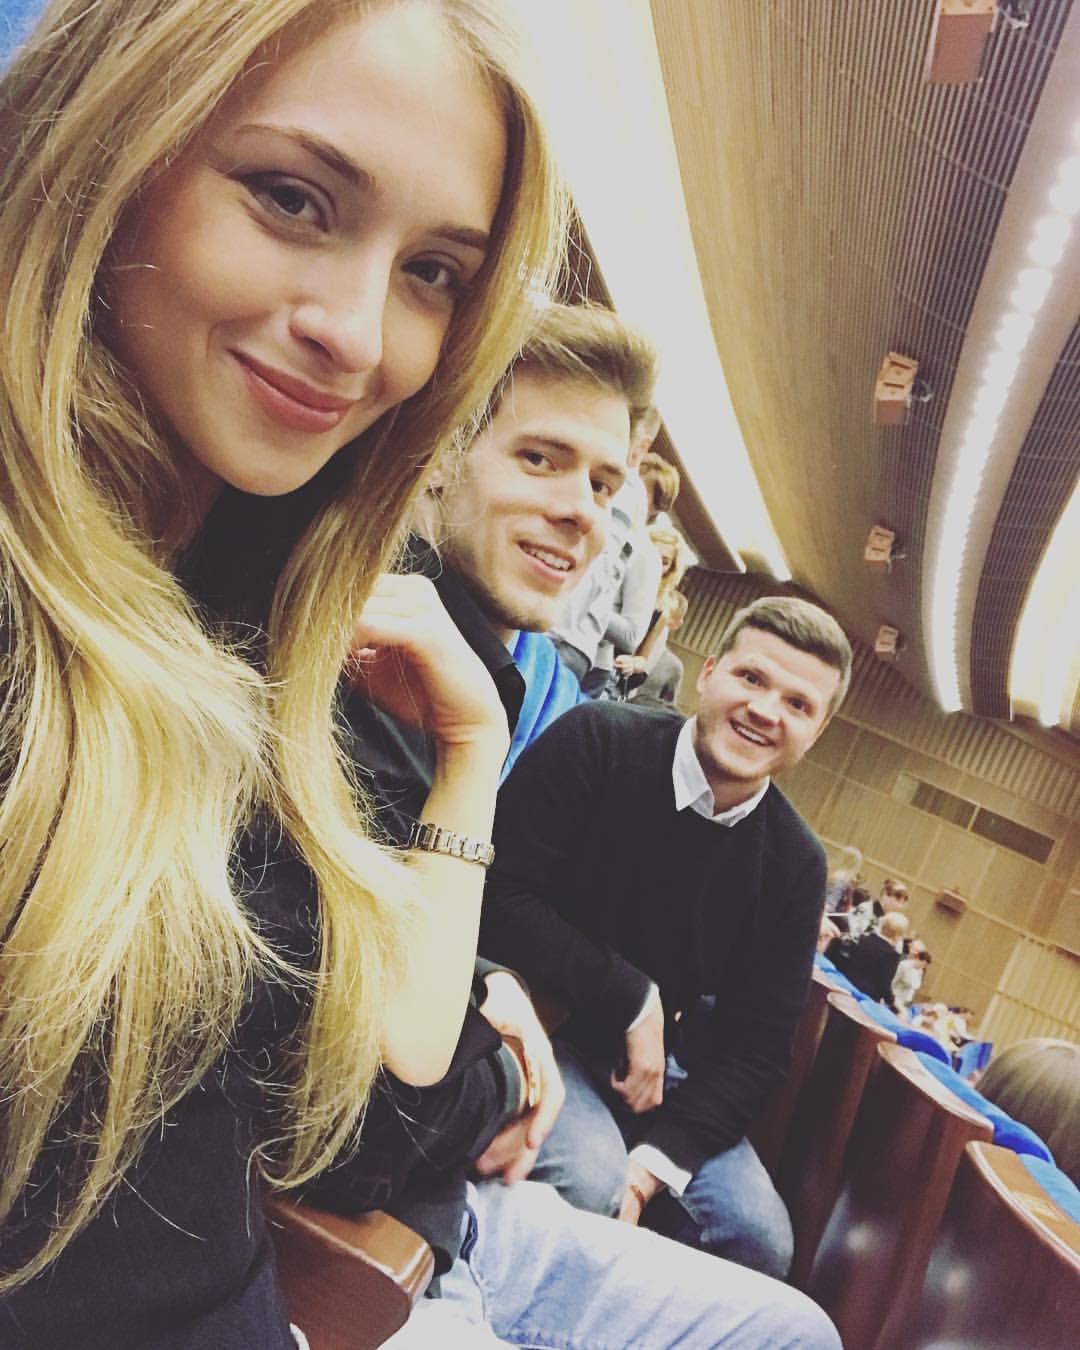 Виктория Синицина - Никита Кацалапов - 7 - Страница 2 Lc5dcMoZ44A